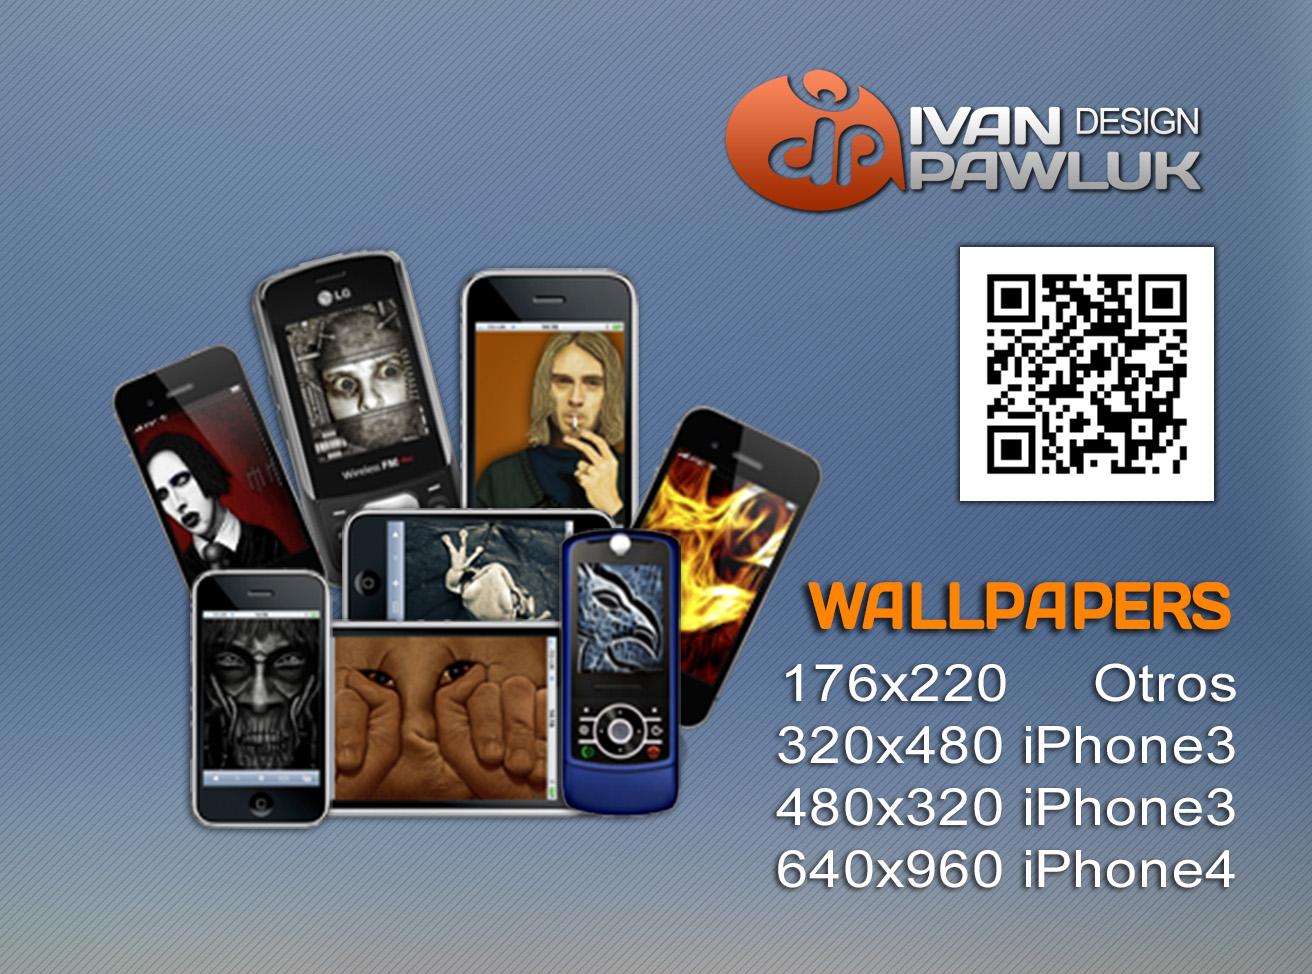 http://2.bp.blogspot.com/-fUoPjz-nrvY/T-MS-ntkBII/AAAAAAAAH_s/PZAHLCuQwhs/s1600/WALLPAPERS.jpg